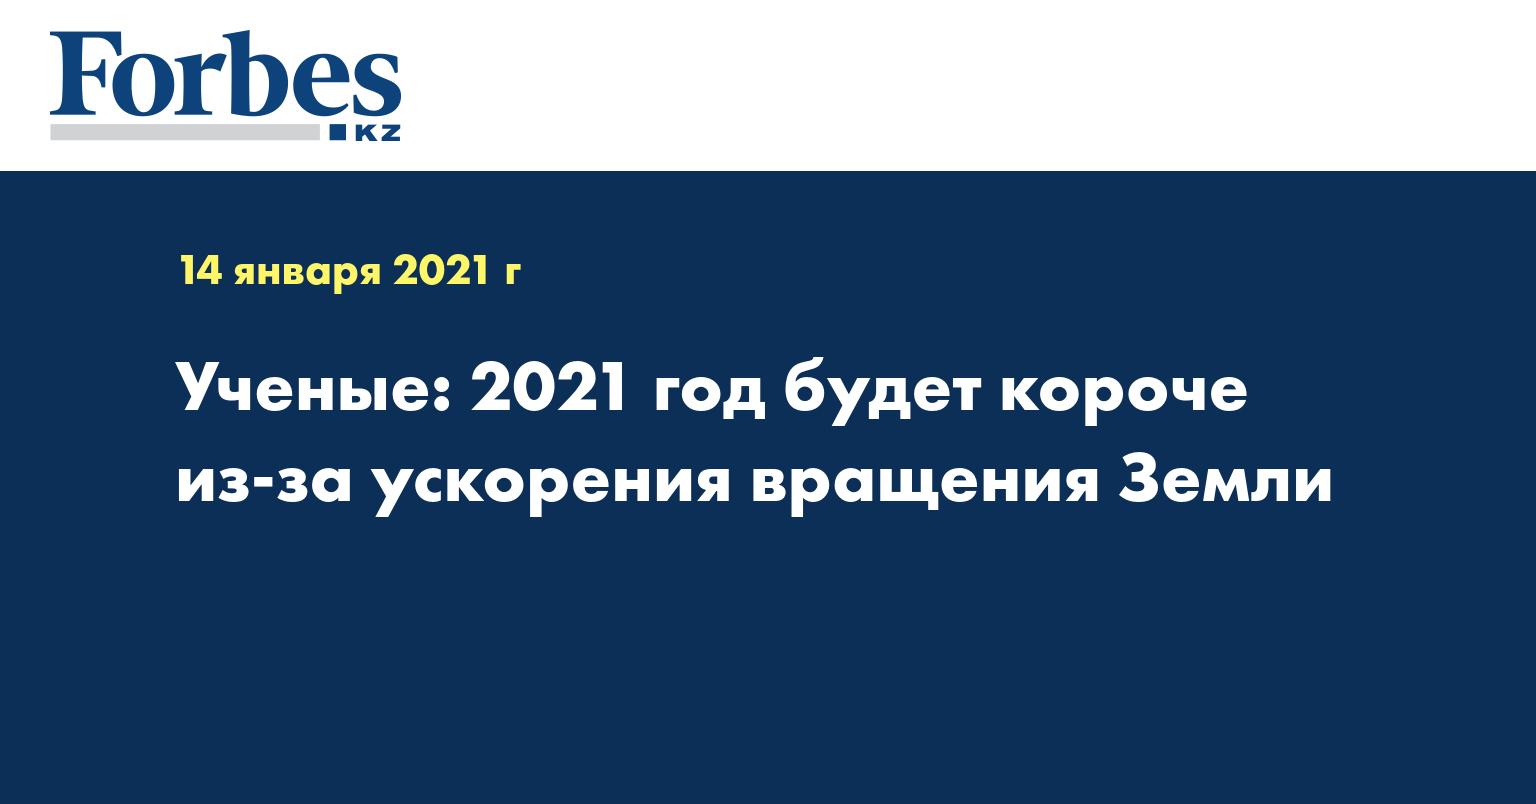 Ученые: 2021 год будет короче из-за ускорения вращения Земли